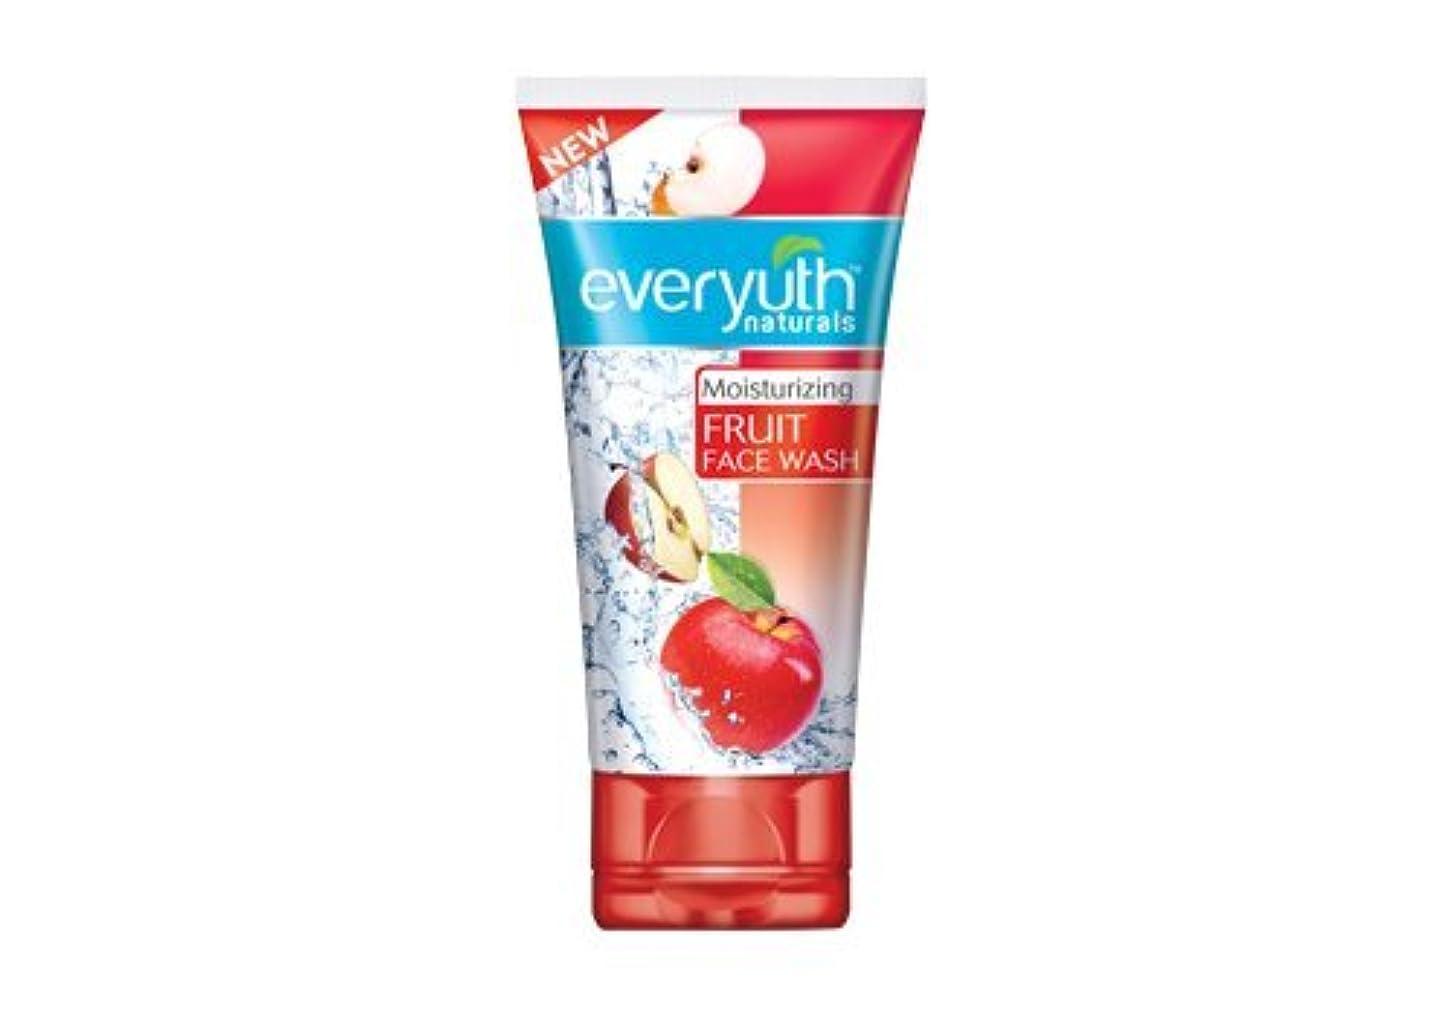 シェーバー高価な知覚できるEveryuth Naturals Moisturizing Fruit Face Wash (50 g)